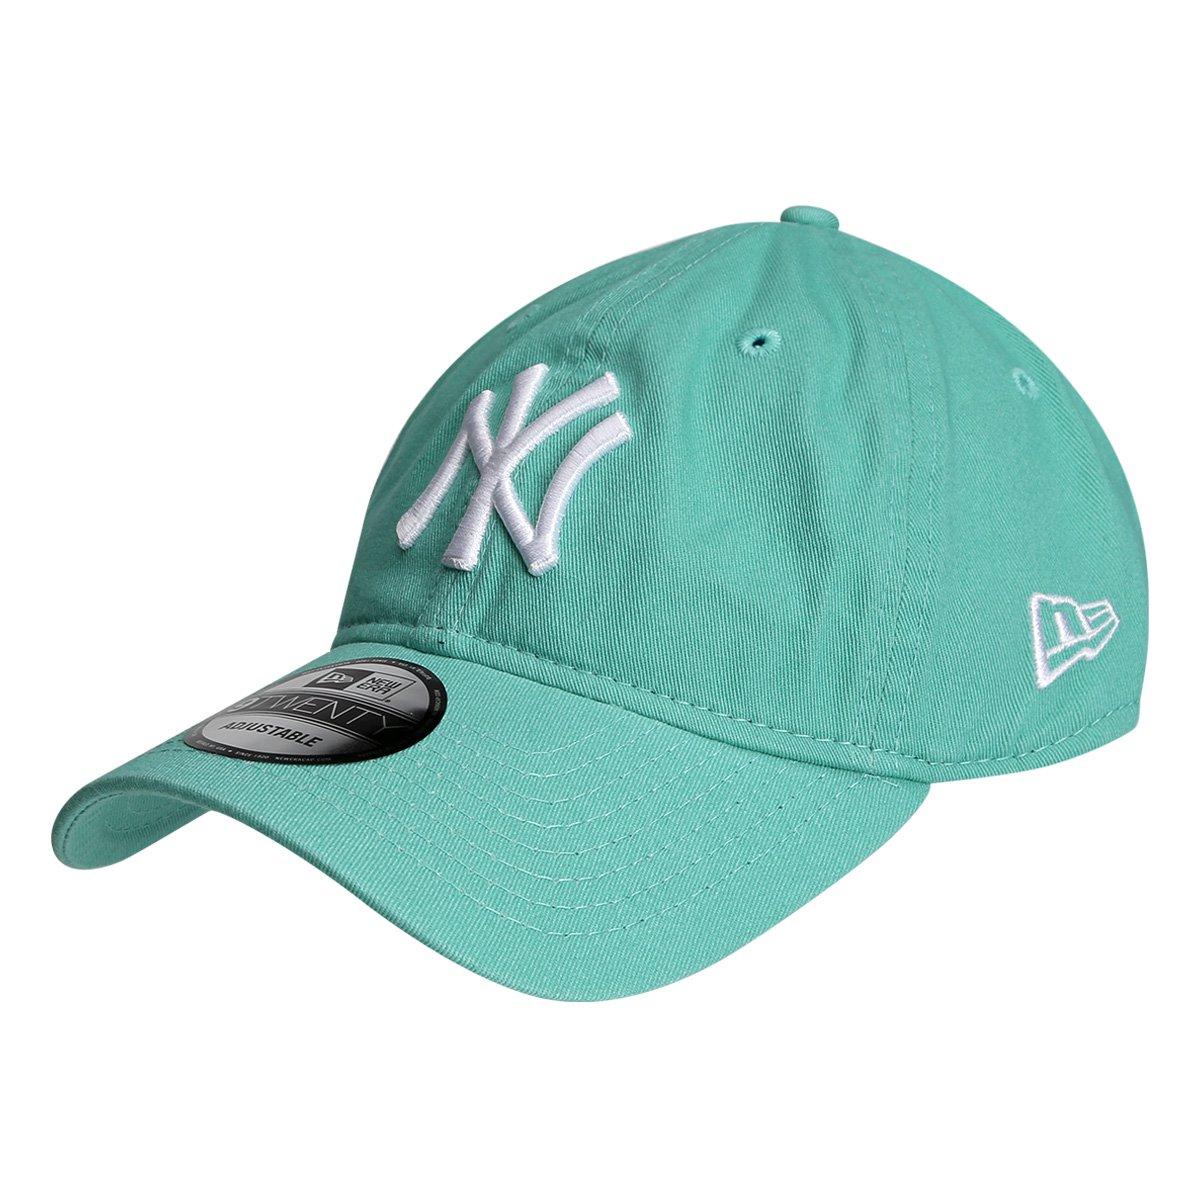 Boné New Era MLB New York Yankees Aba Curva 920 St Pastels - Compre Agora  953e9d65dc72f